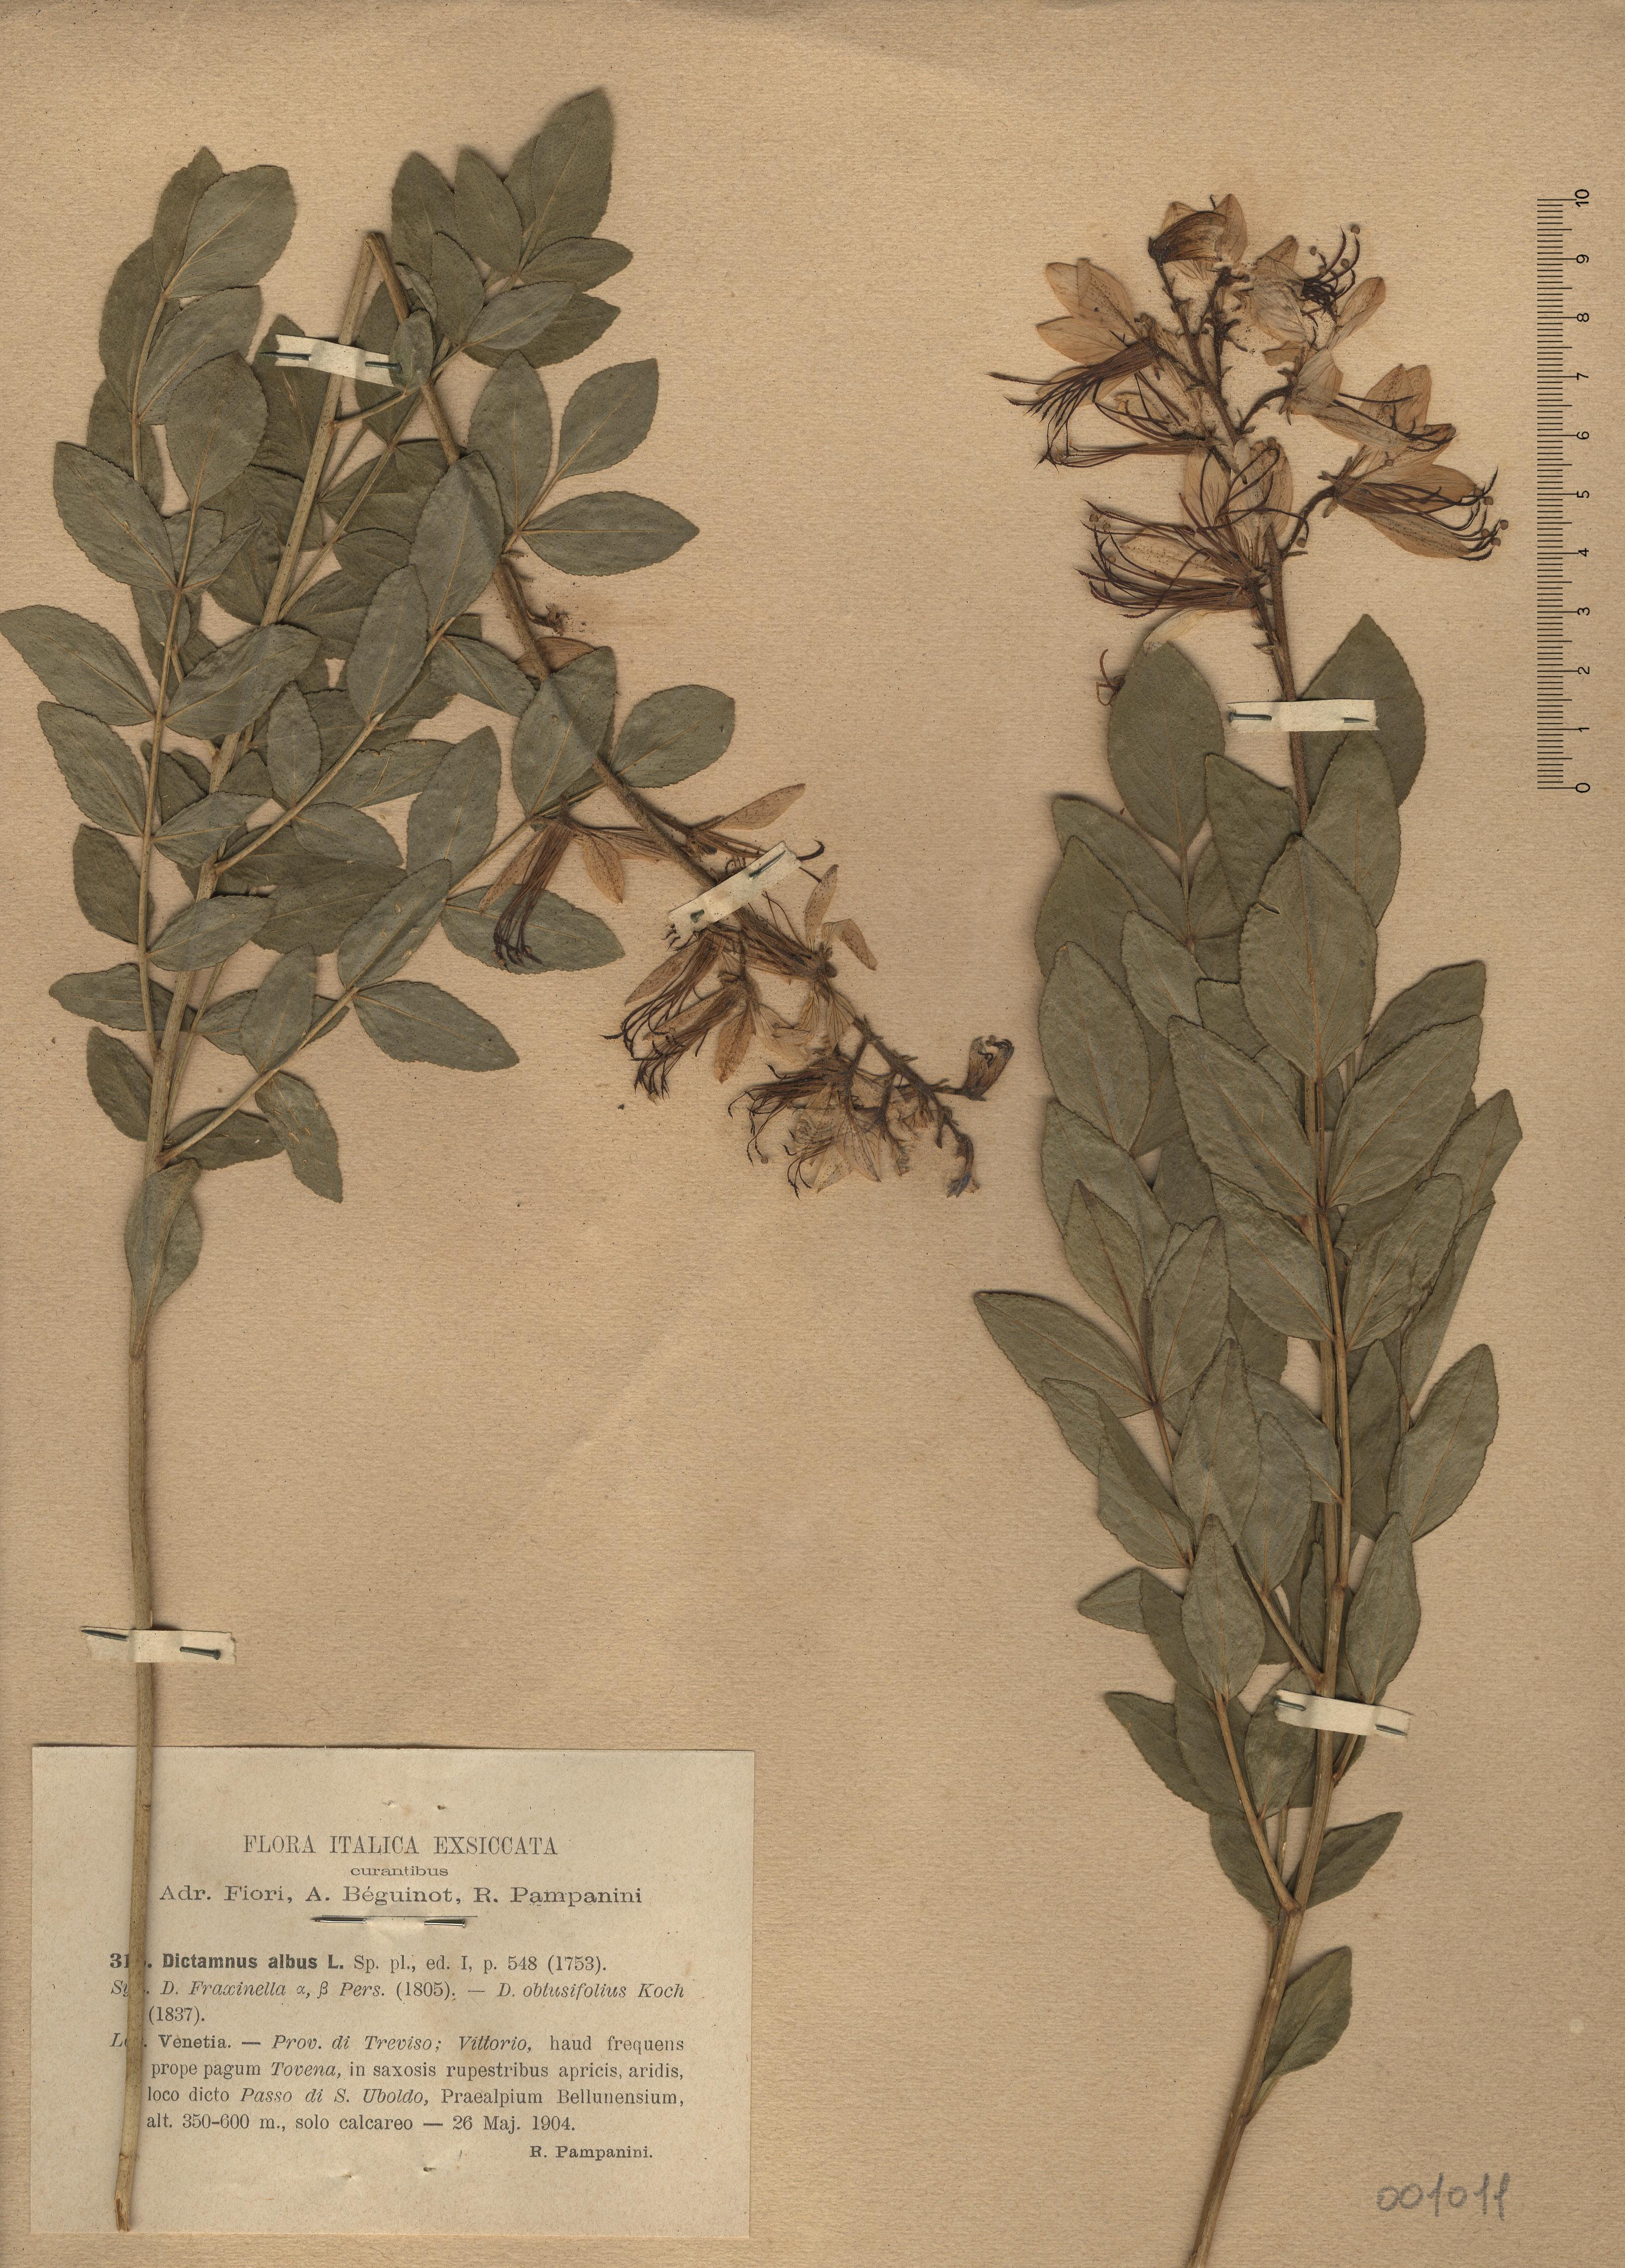 © Hortus Botanicus Catinensis - Herb. sheet 001011<br>